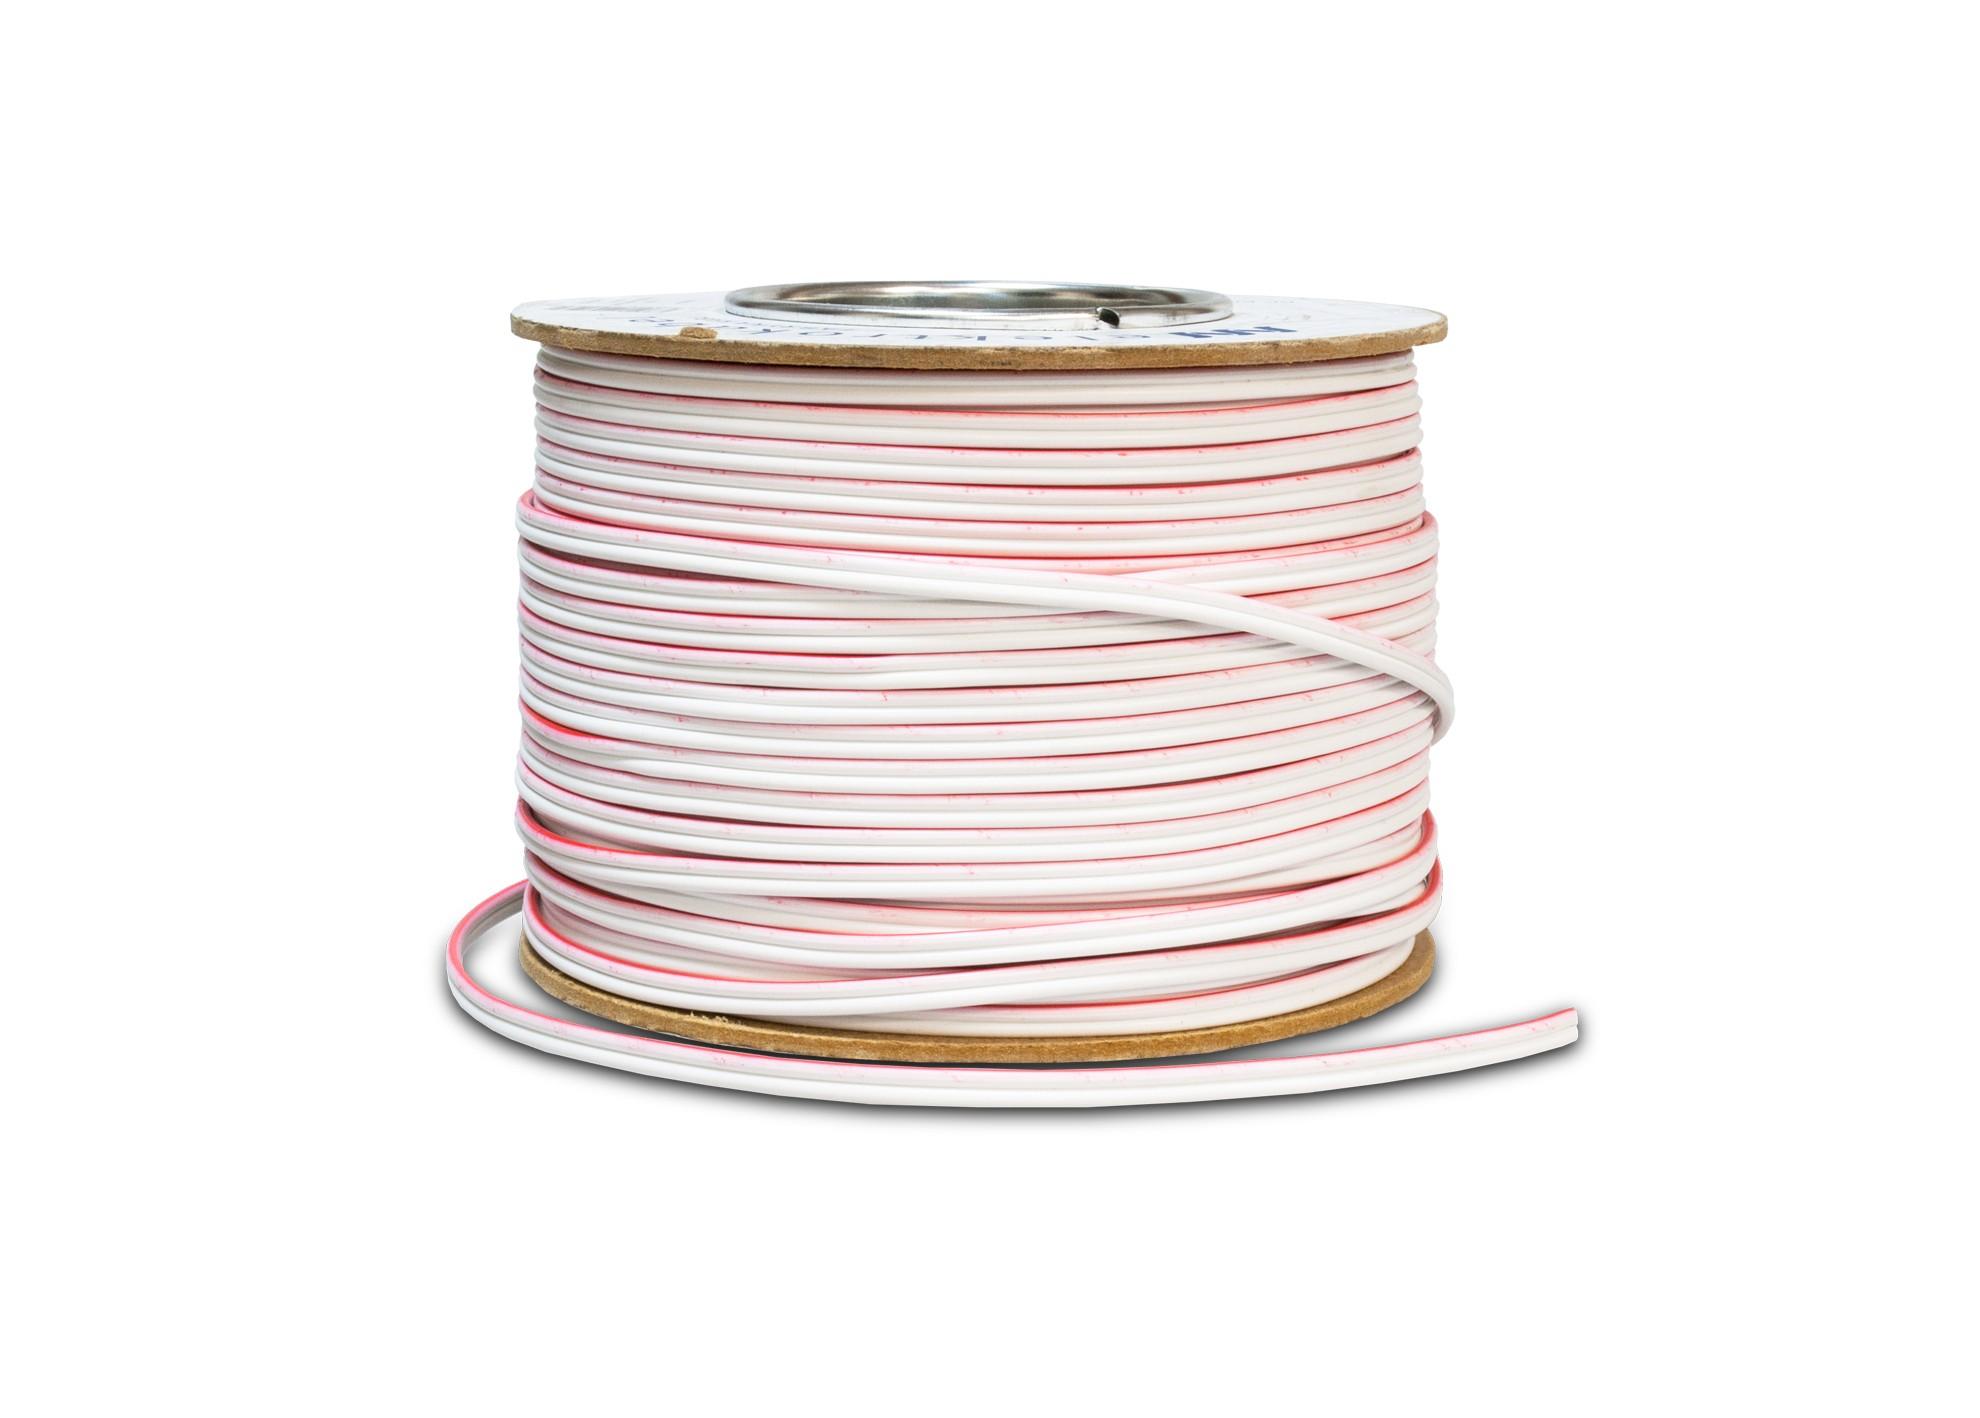 Kábel dvojlinka 2 x 1mm biely